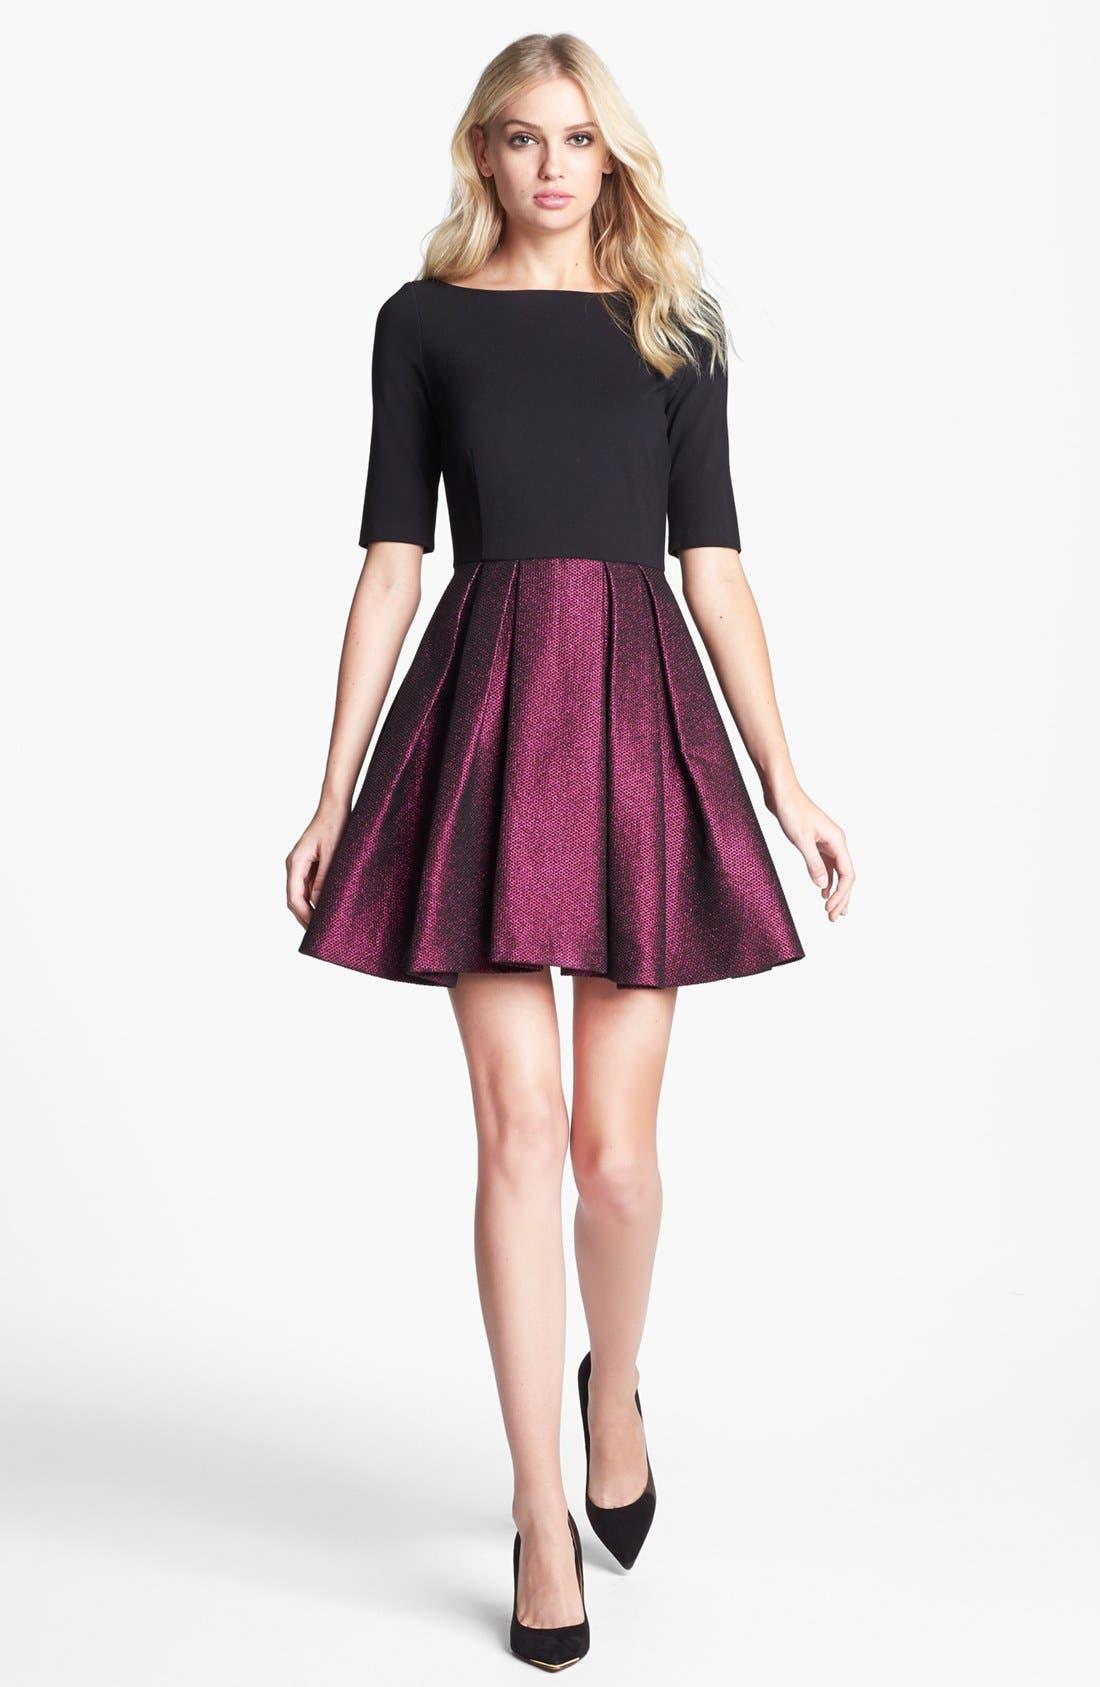 Main Image - ERIN erin fetherston 'Josie' Dress